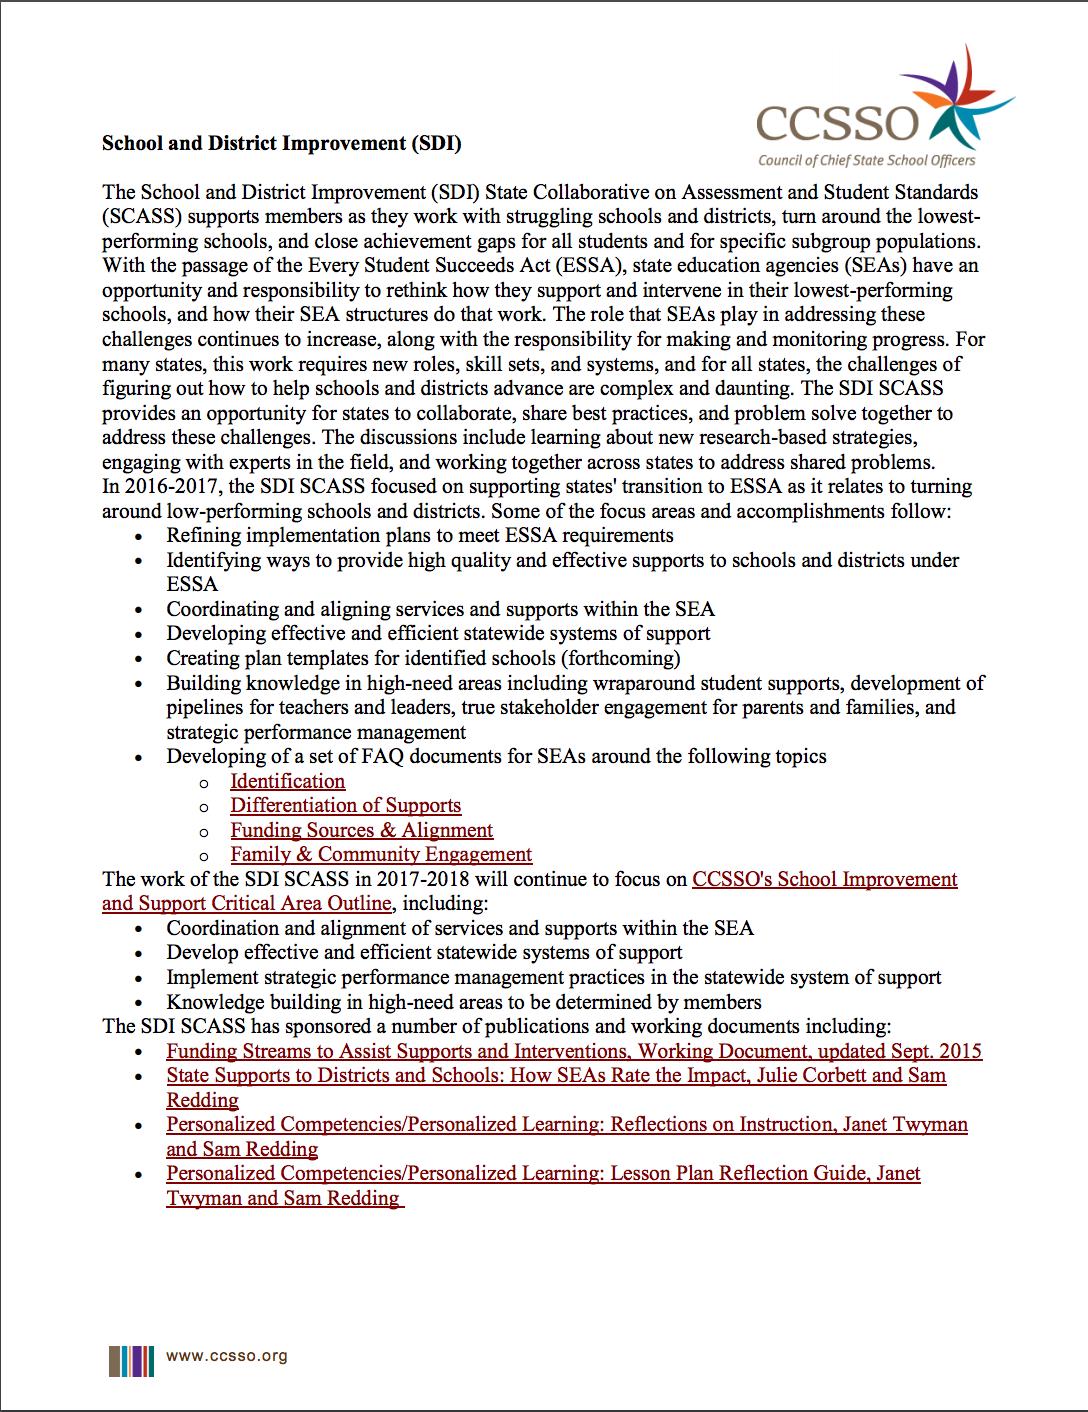 School and District Improvement Description document page 1